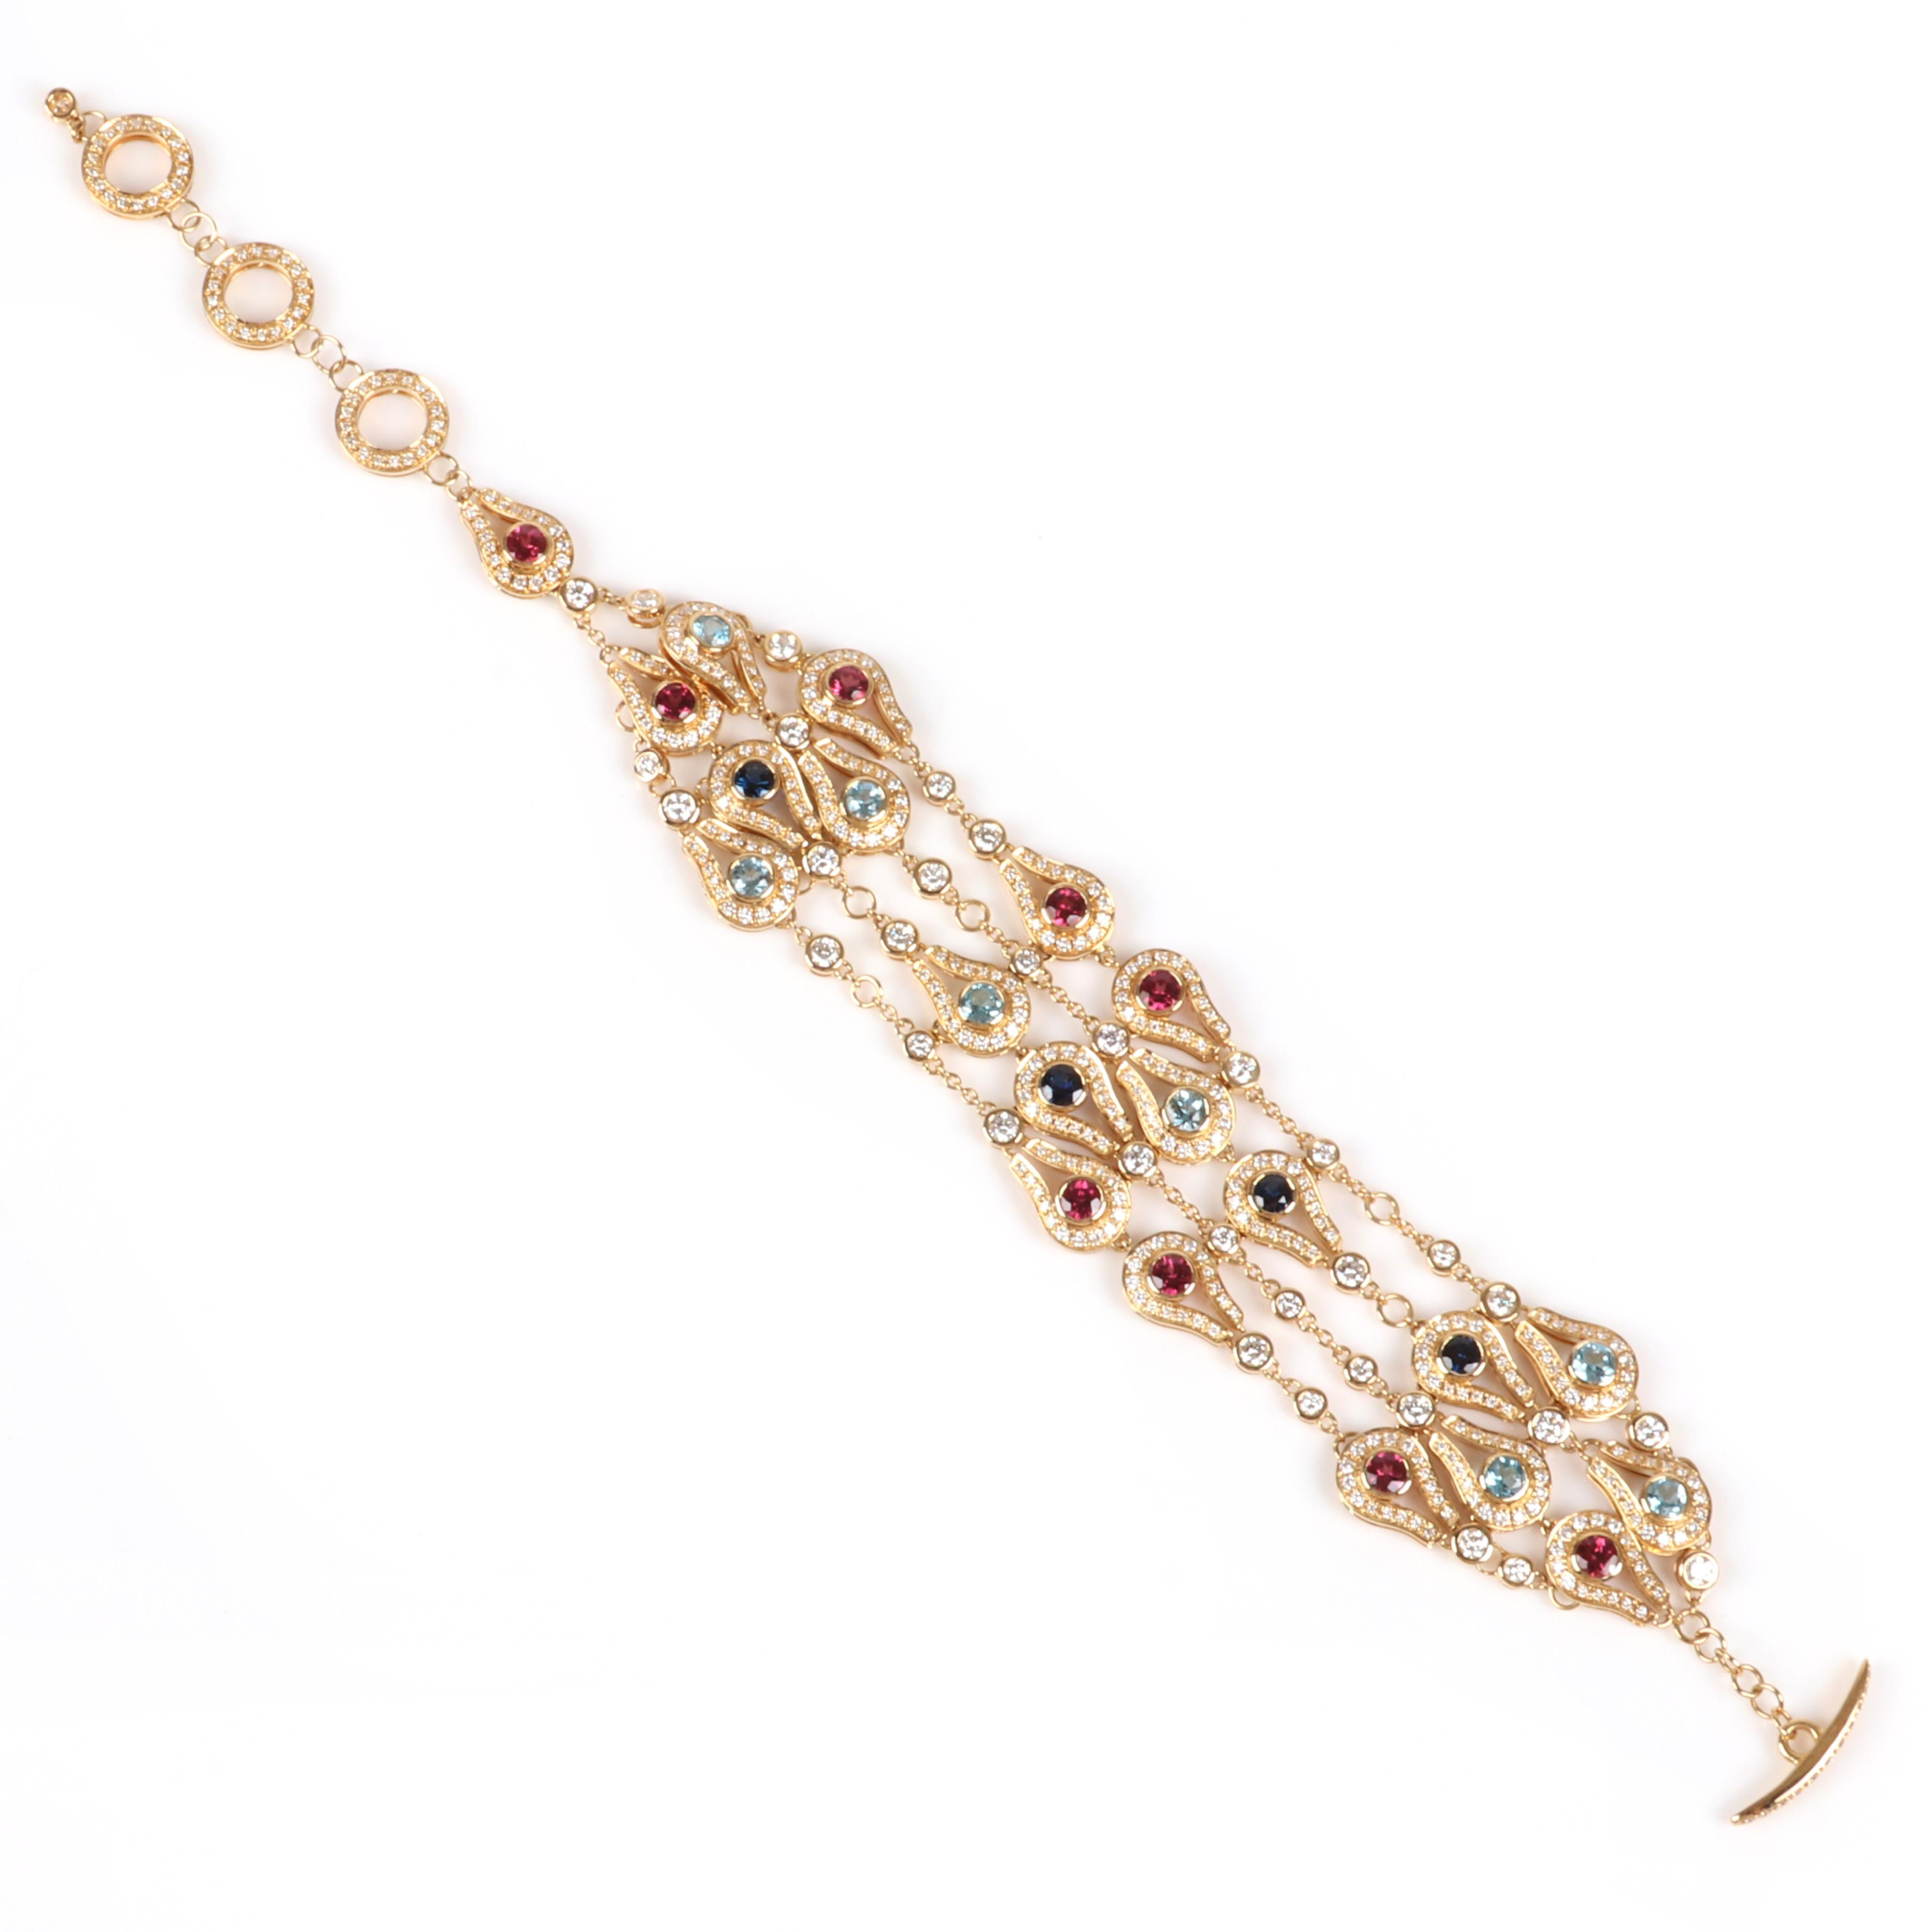 """Di Modolo Milano Fiamma designer multi stone and diamond 750 18K yellow gold bracelet, 20.25 dwt. Adjustable to 7 1/2"""" L"""